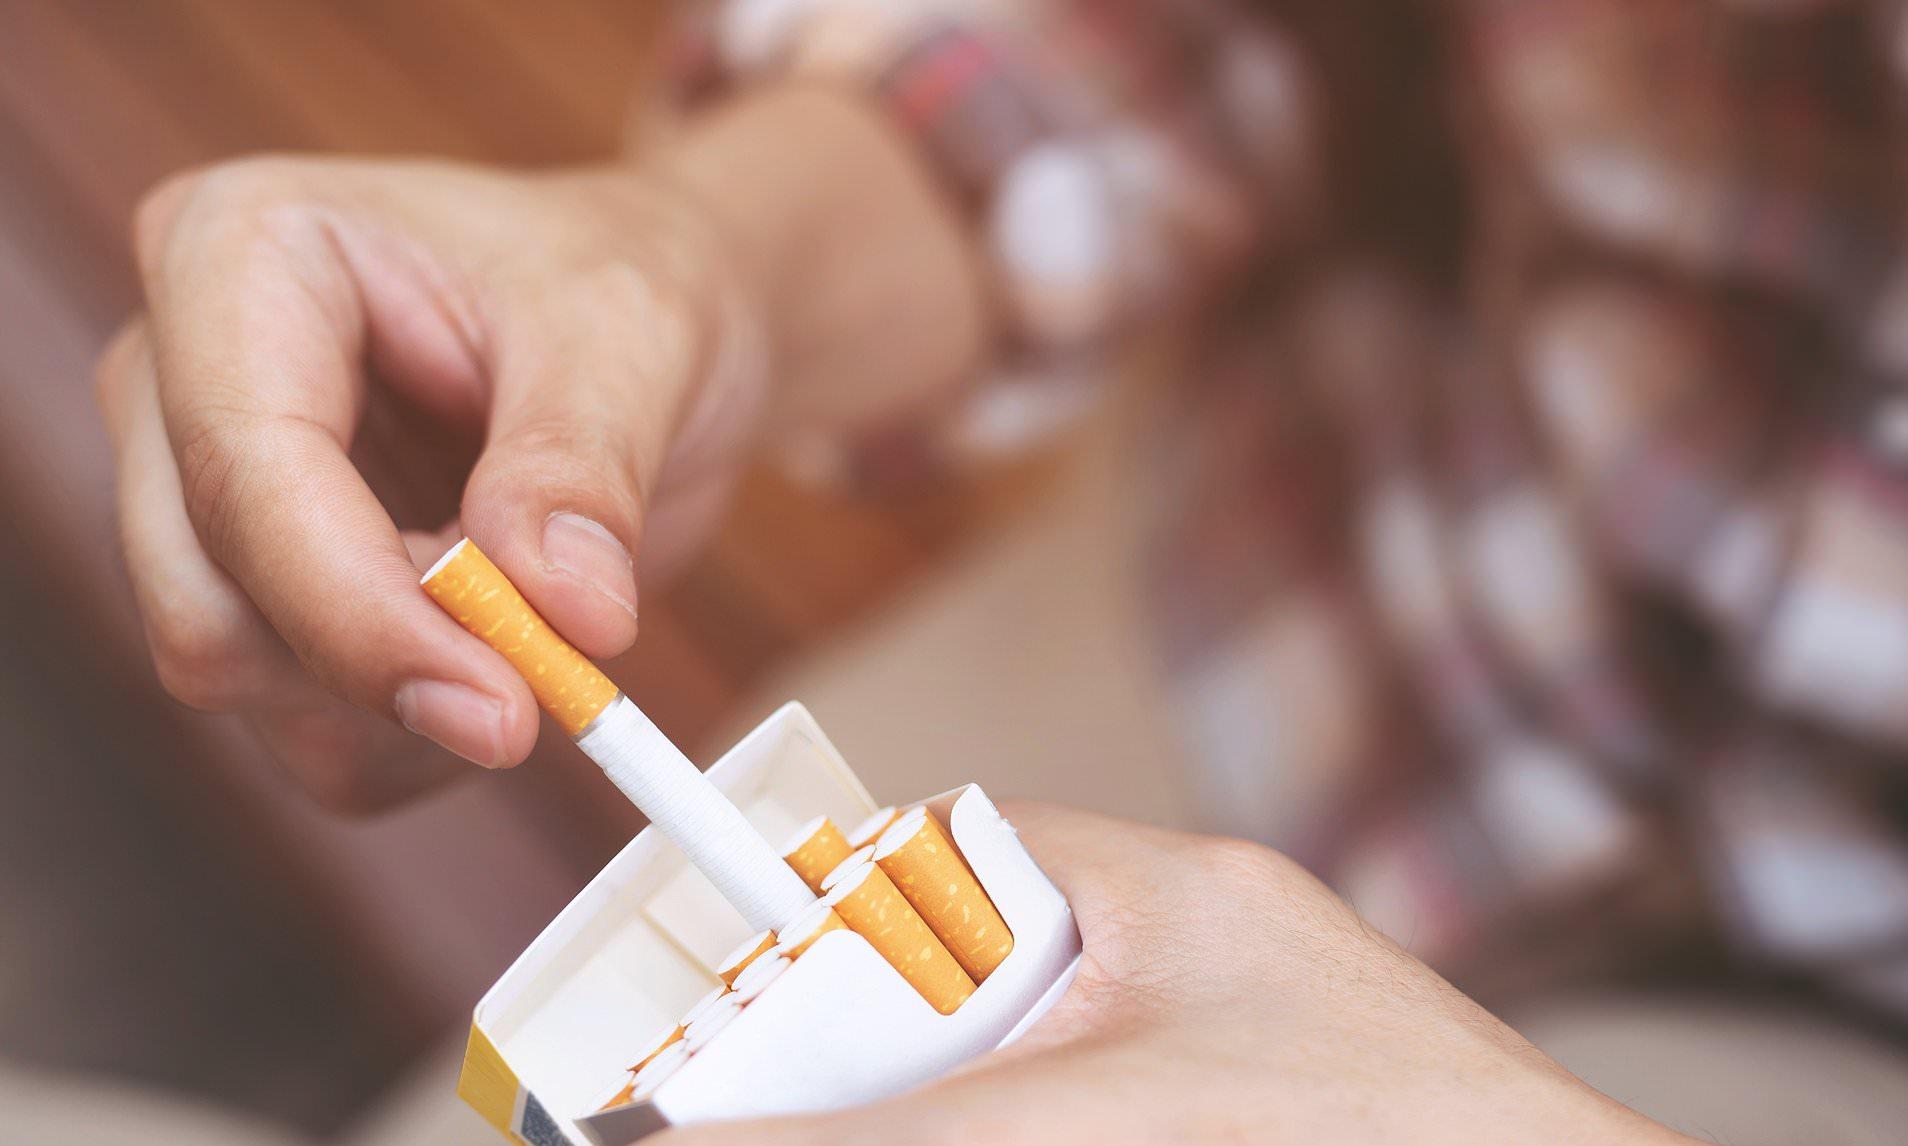 smoking in Africa